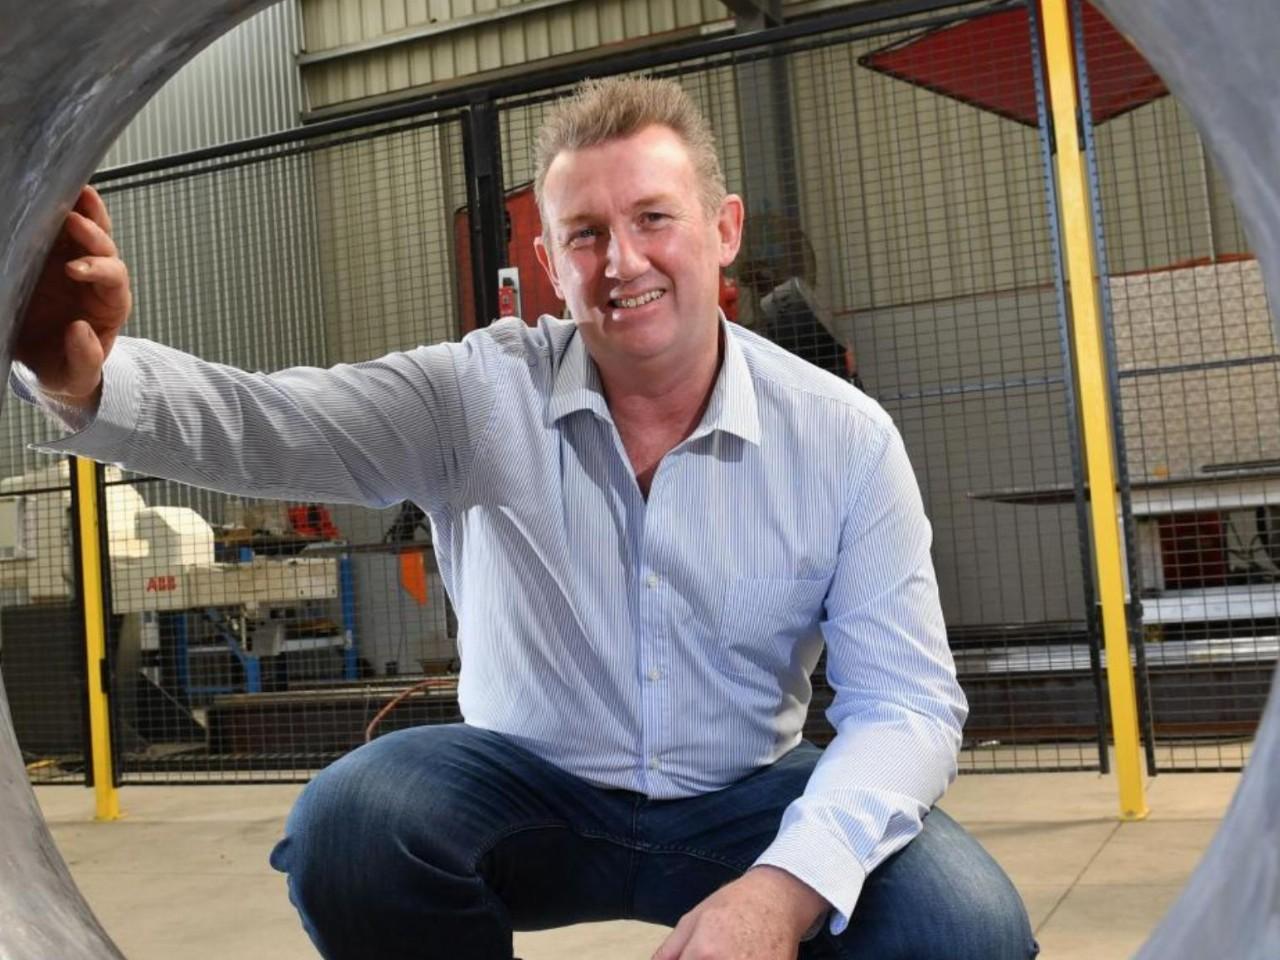 オーストラリアのメタル3Dプリンティング・サービスビューローが700万オーストラリアドルの資金調達に成功